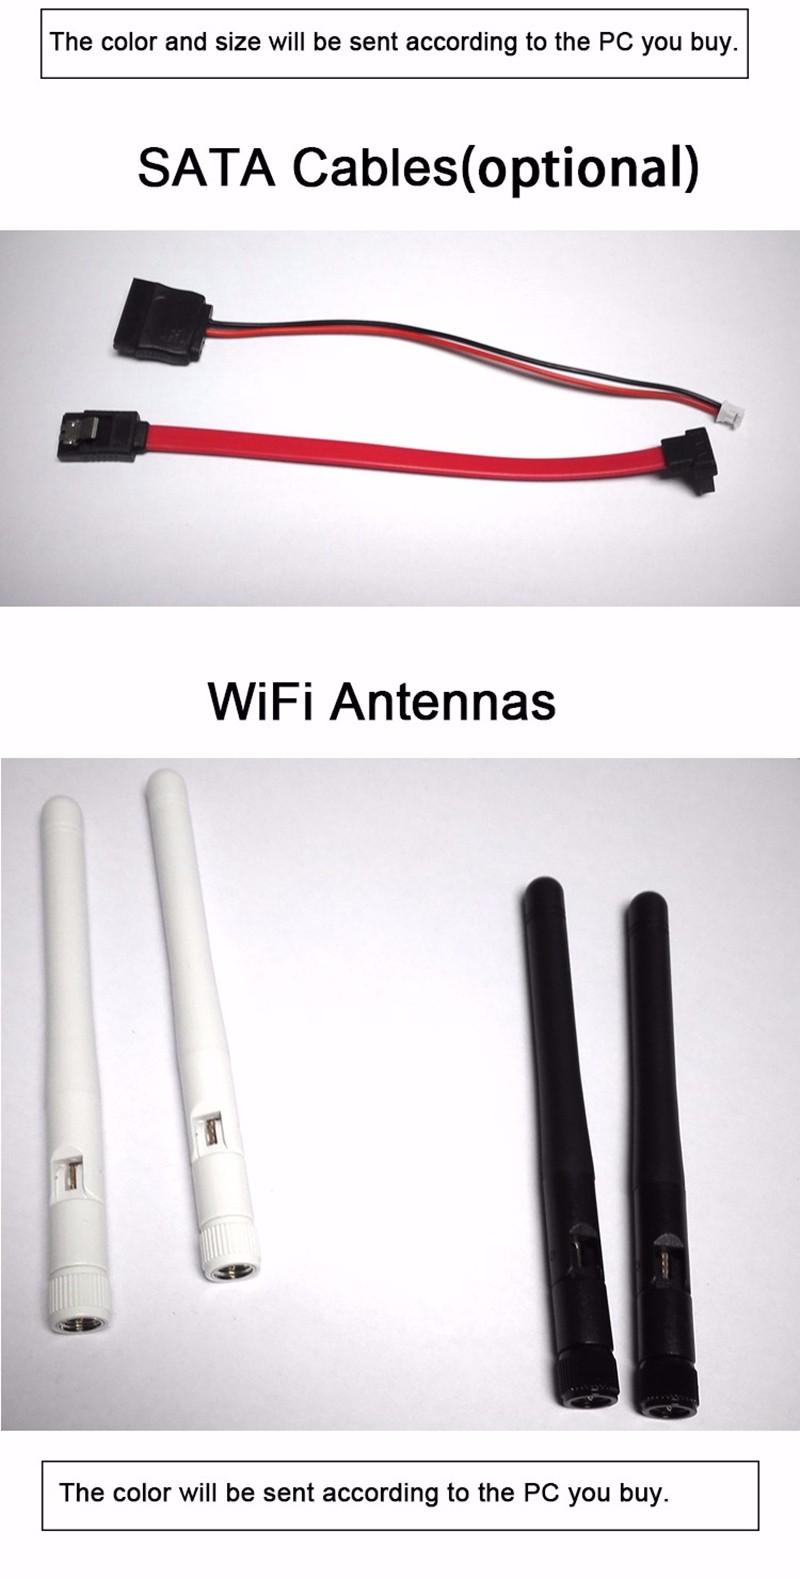 sata cable